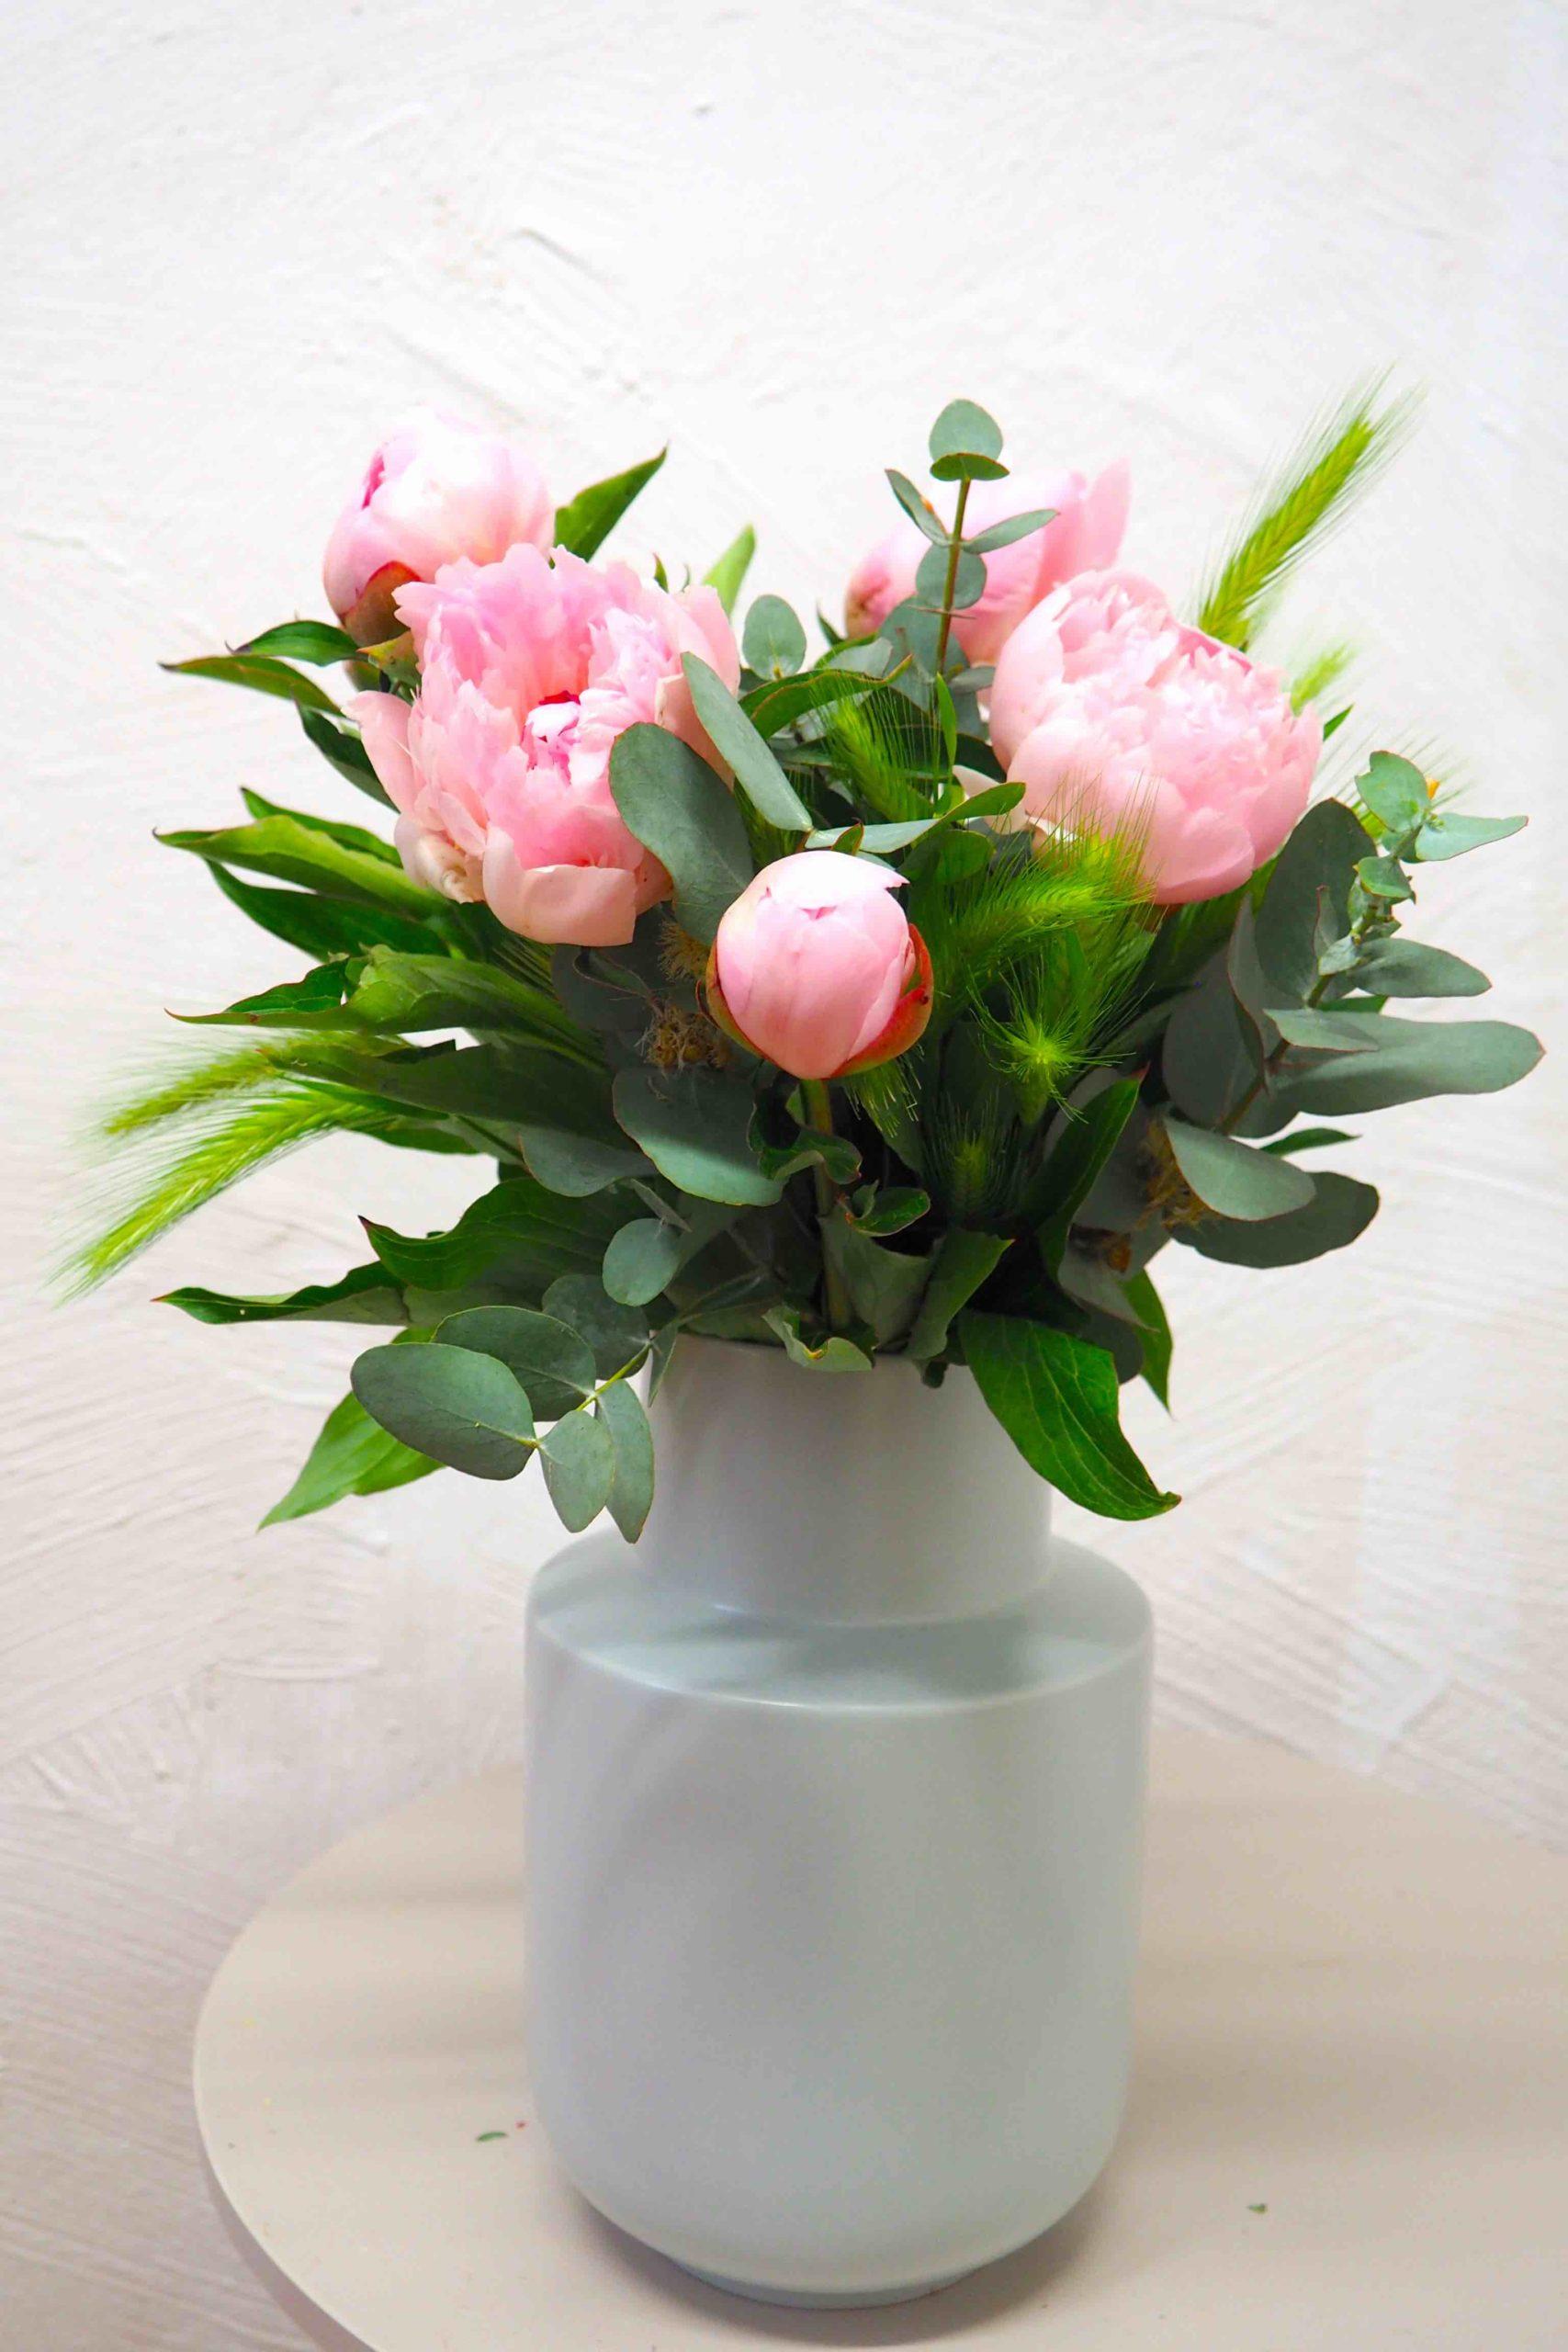 Livraison à domicile Fleurs Toulouse Pivoines